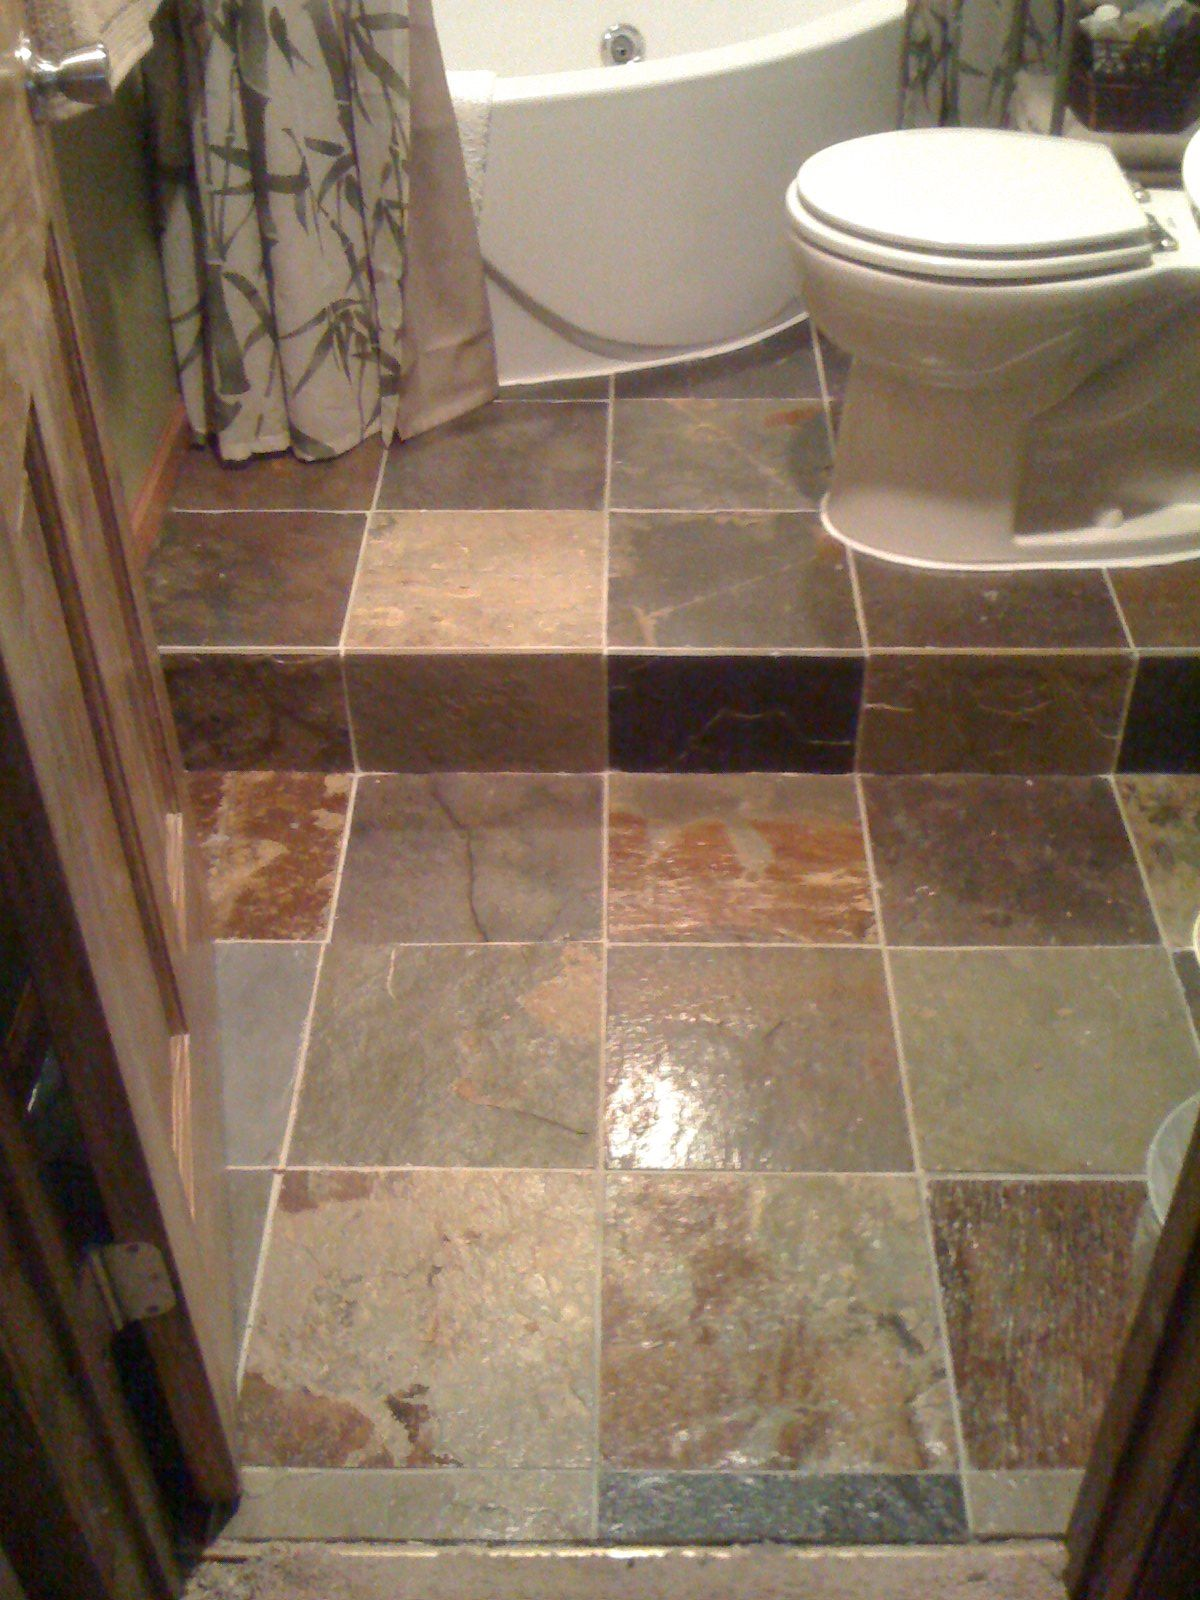 Bathroom Step-up, slate tile, jacuzzi tub | Bathroom Ideas ...